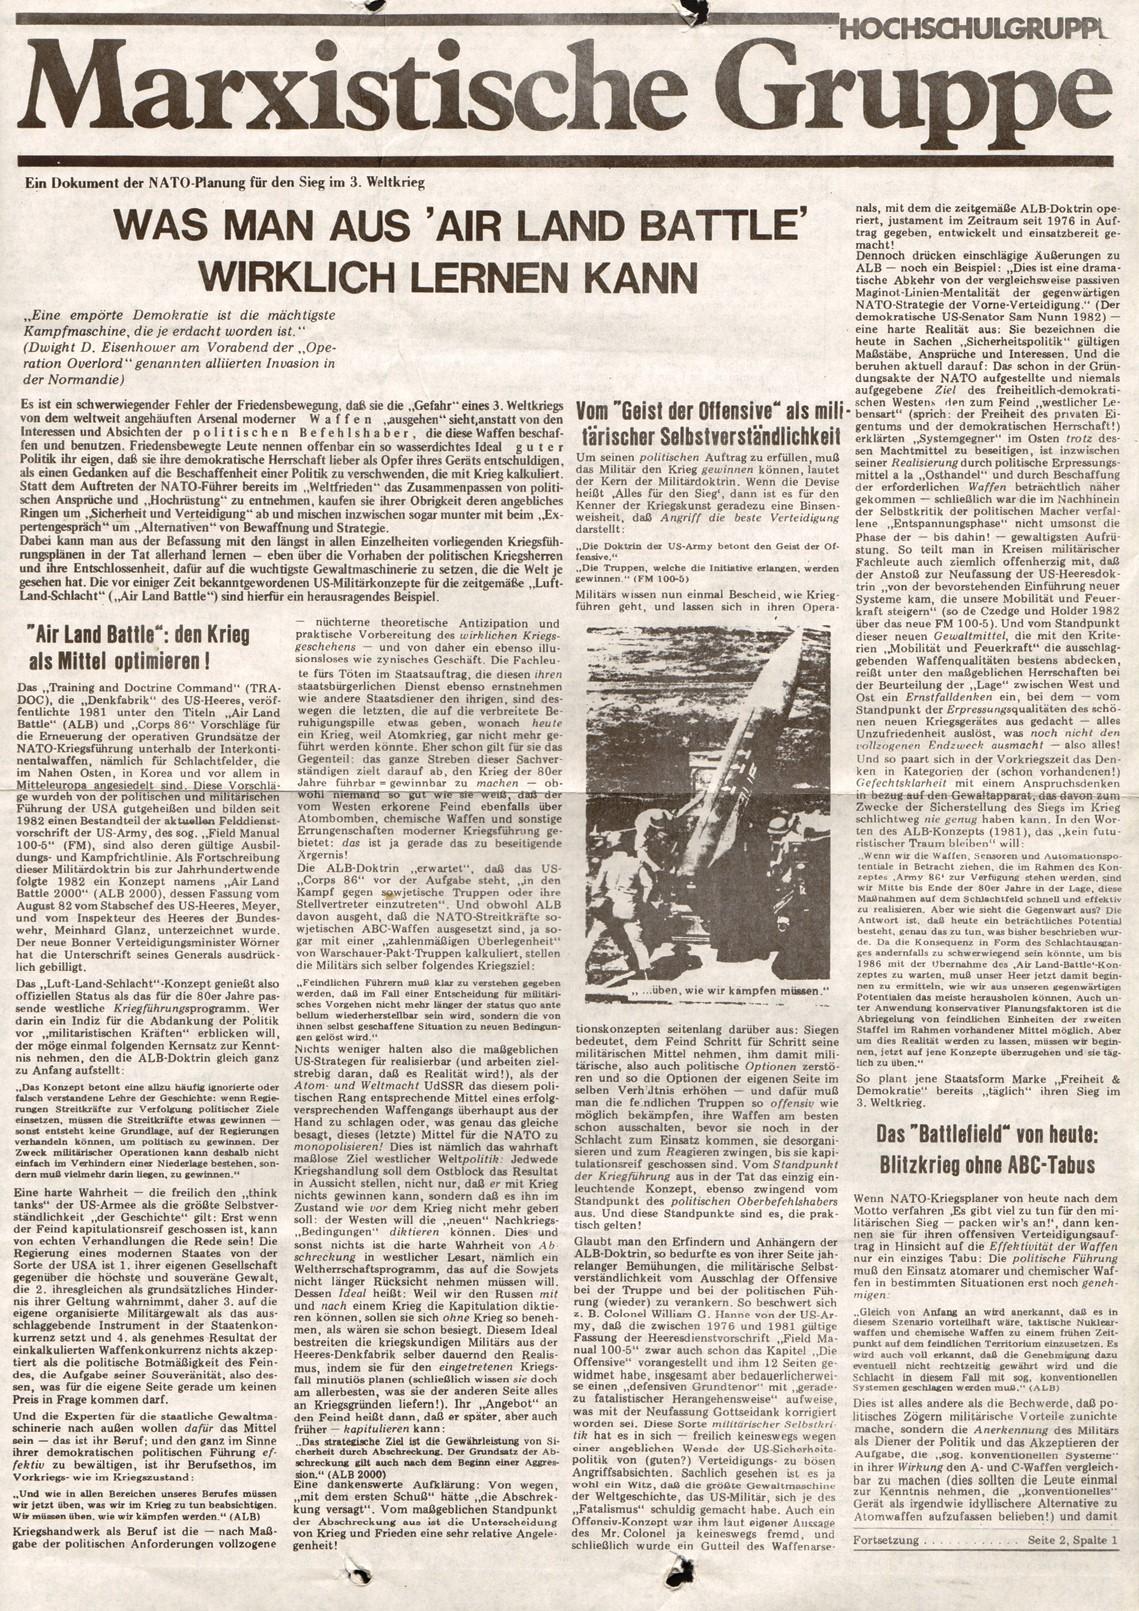 Berlin_MG_Hochschulgruppe_19830000_01